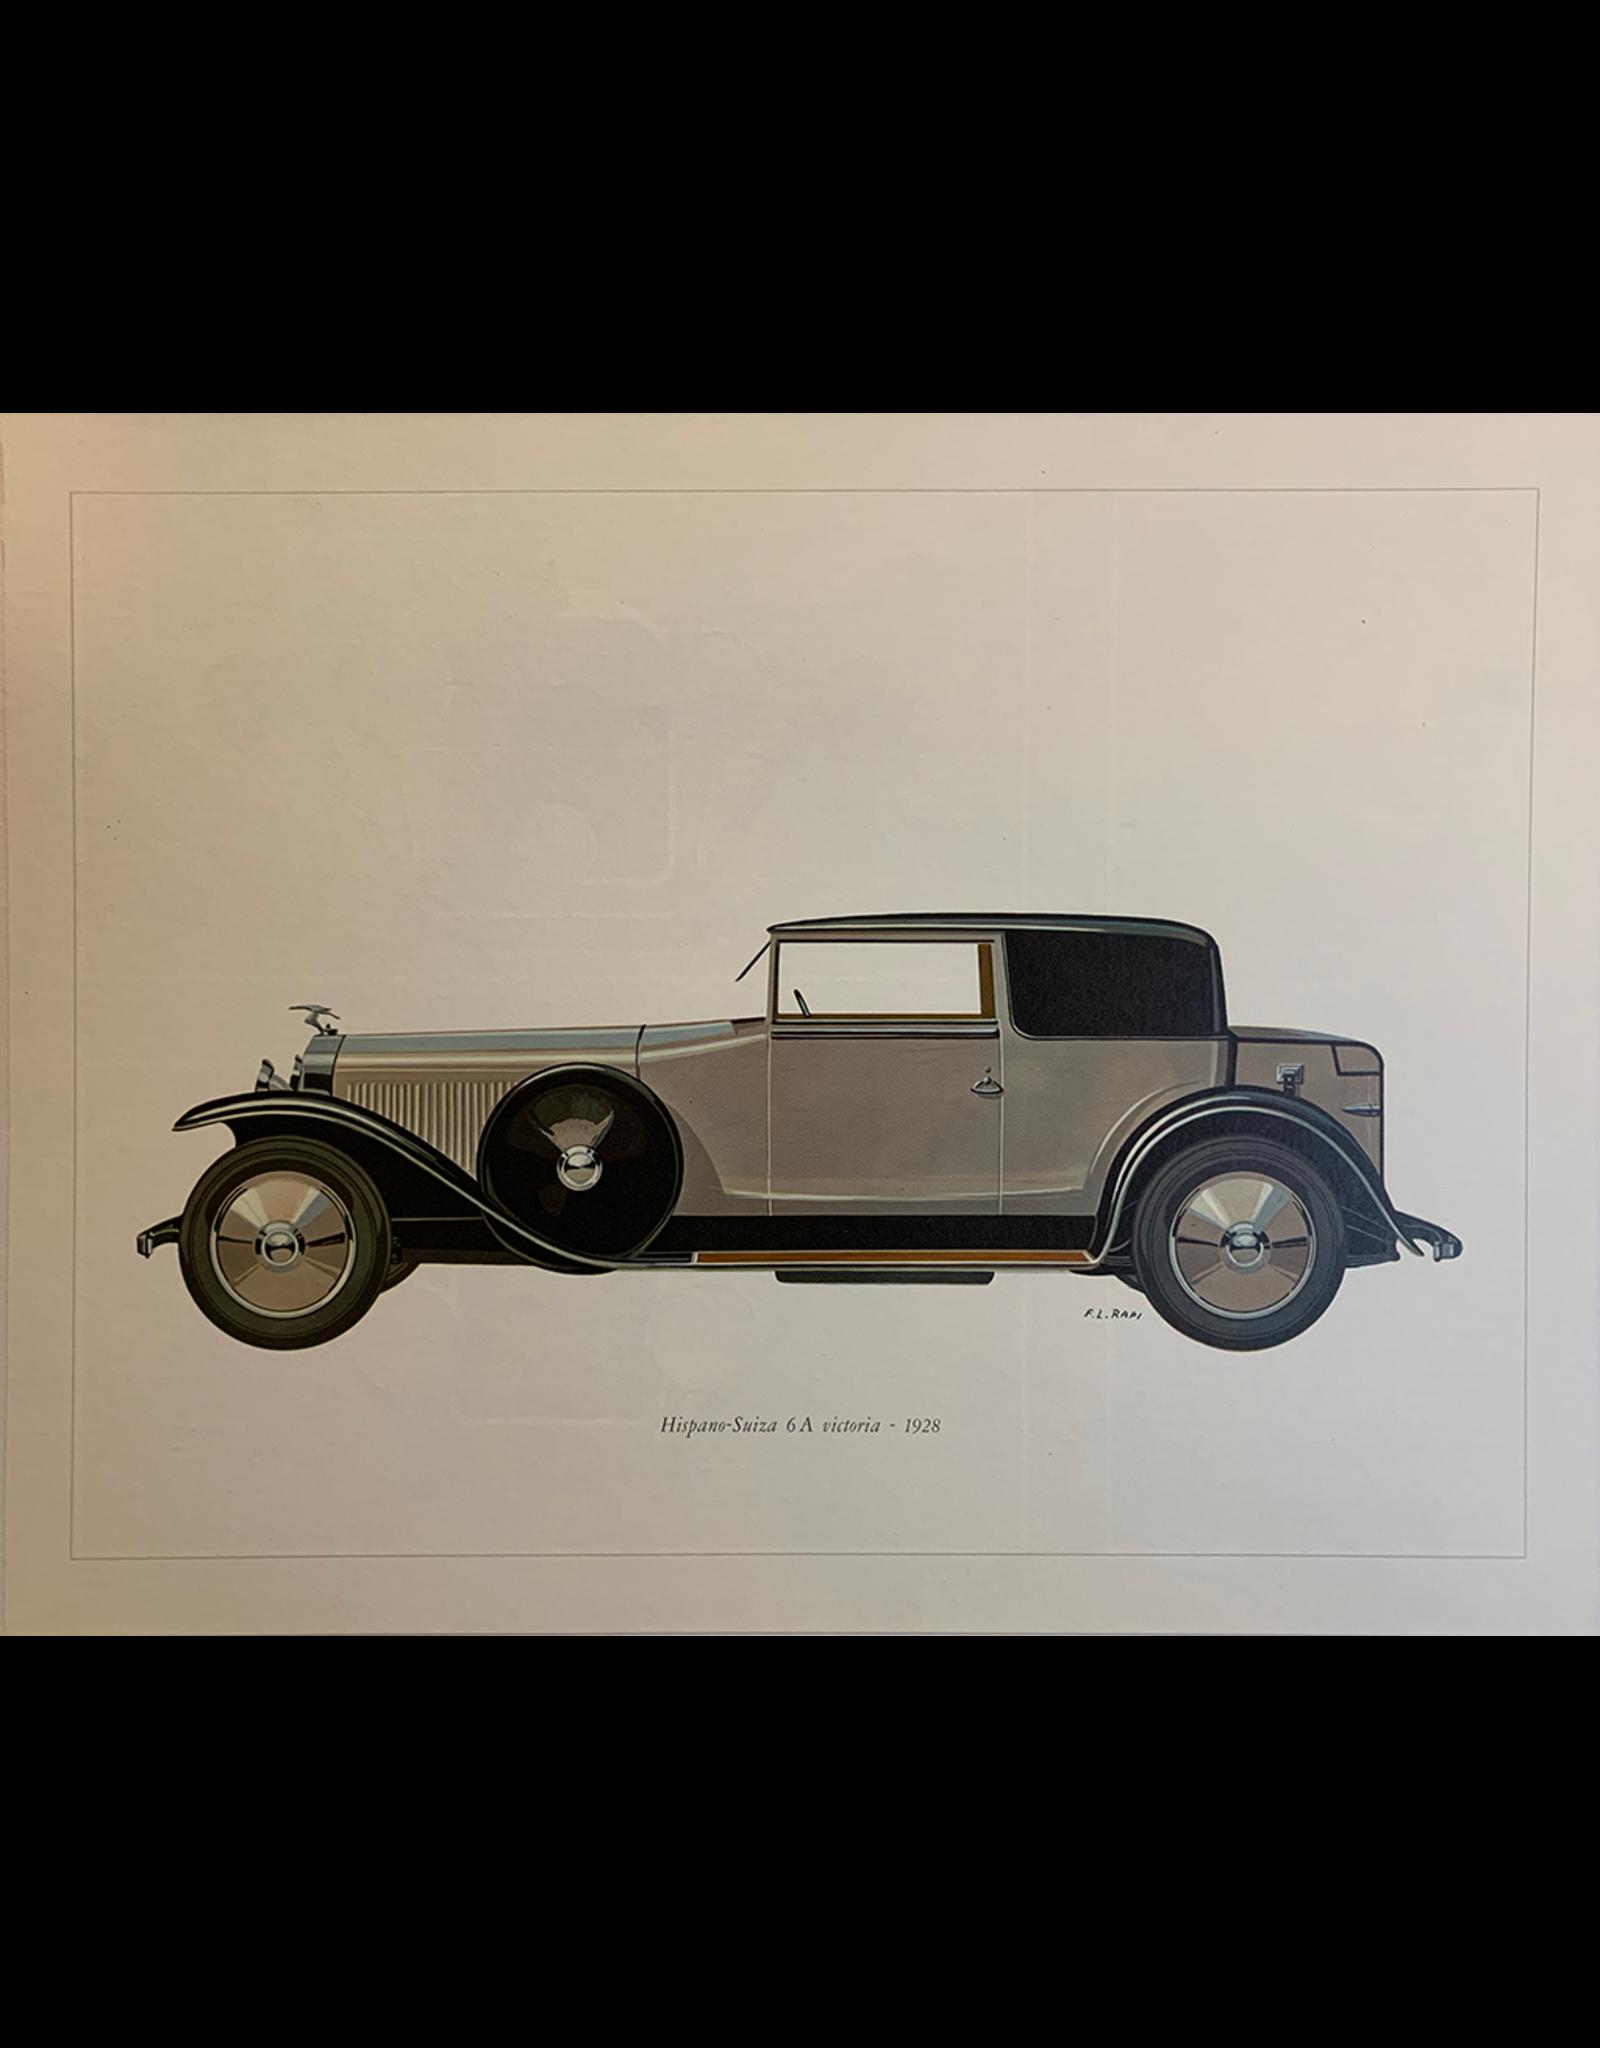 SPV Hispano-Suiza_6A